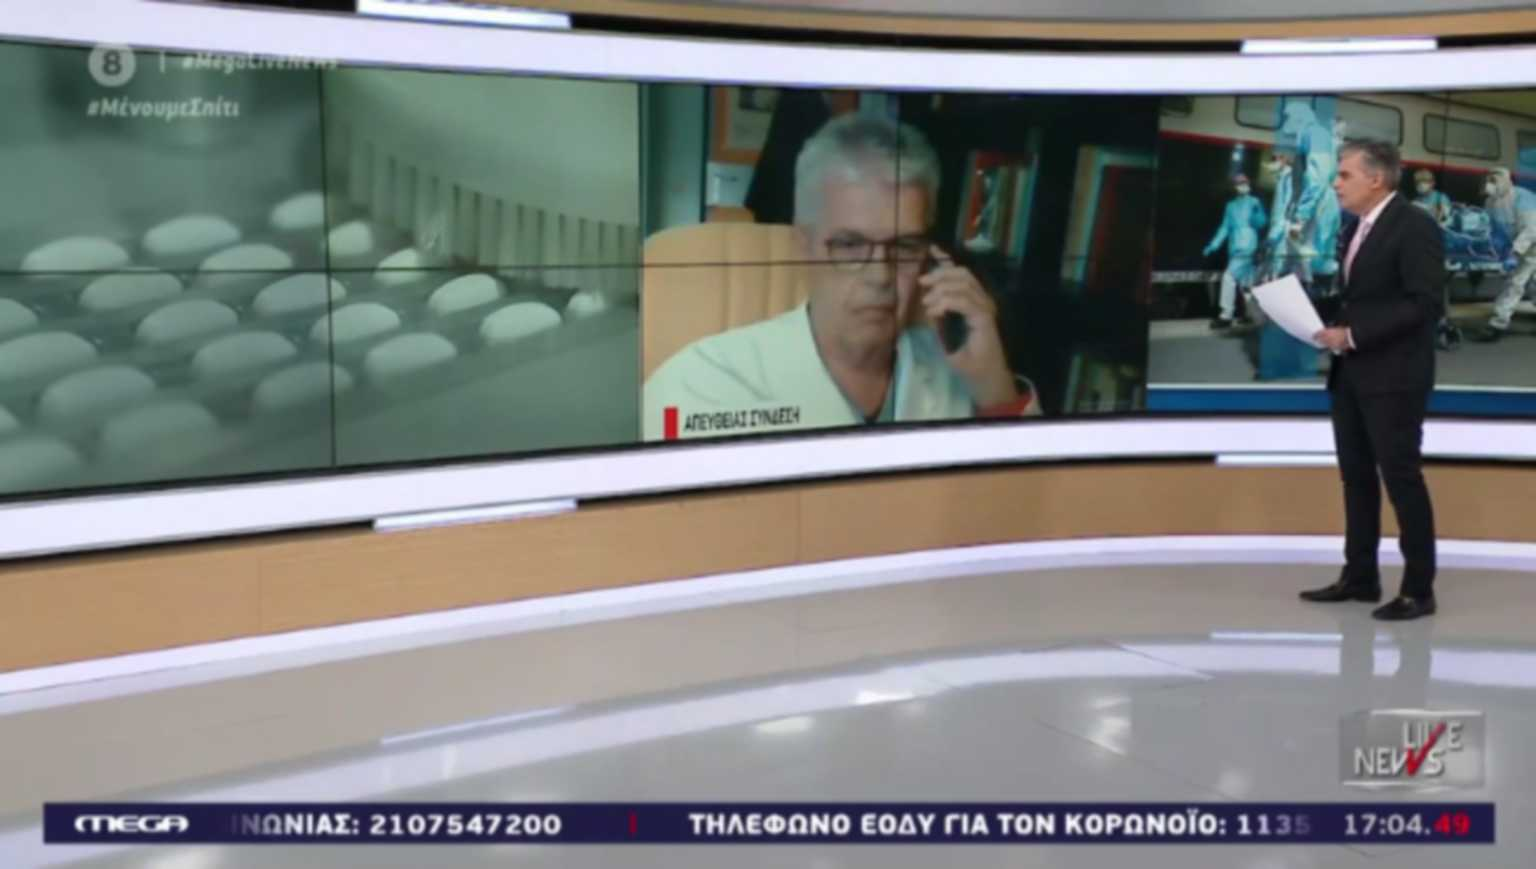 """Γώγος στο """"Live News"""": Υπάρχει οριζοντίωση της καμπύλης διασποράς του κορονοϊού στην Ελλάδα"""